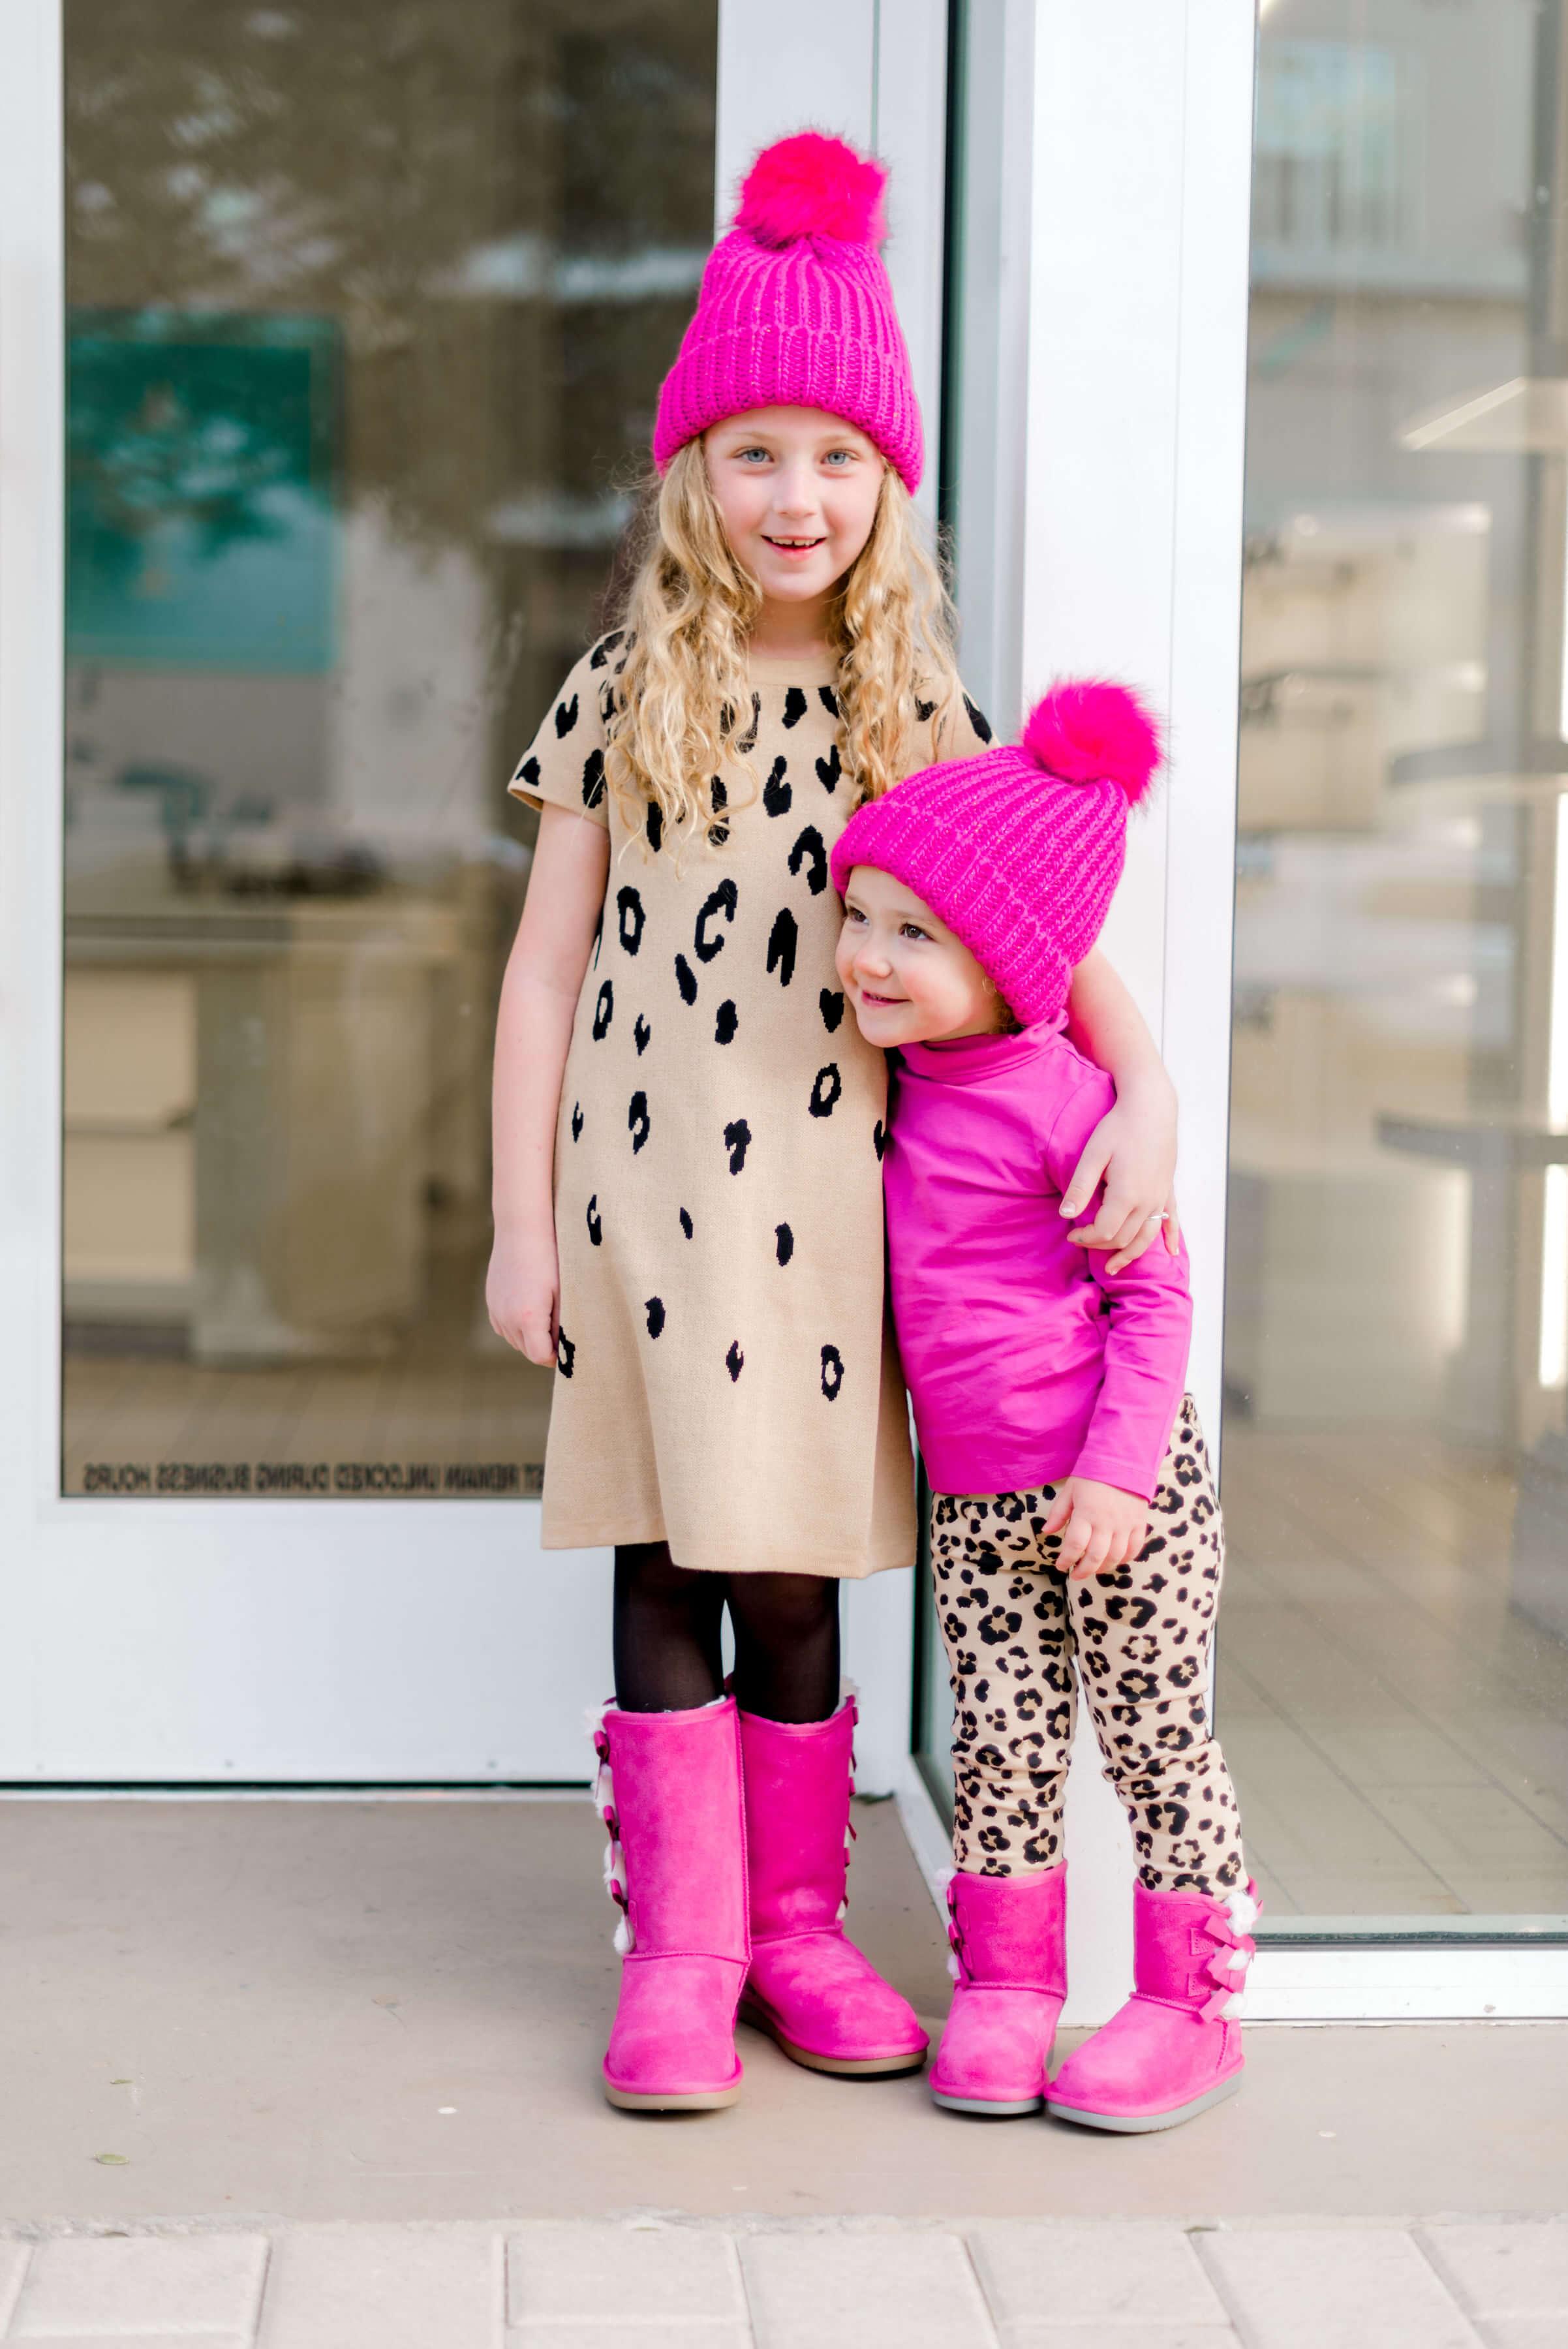 little girls kollaburra boots | little girls leopard dress